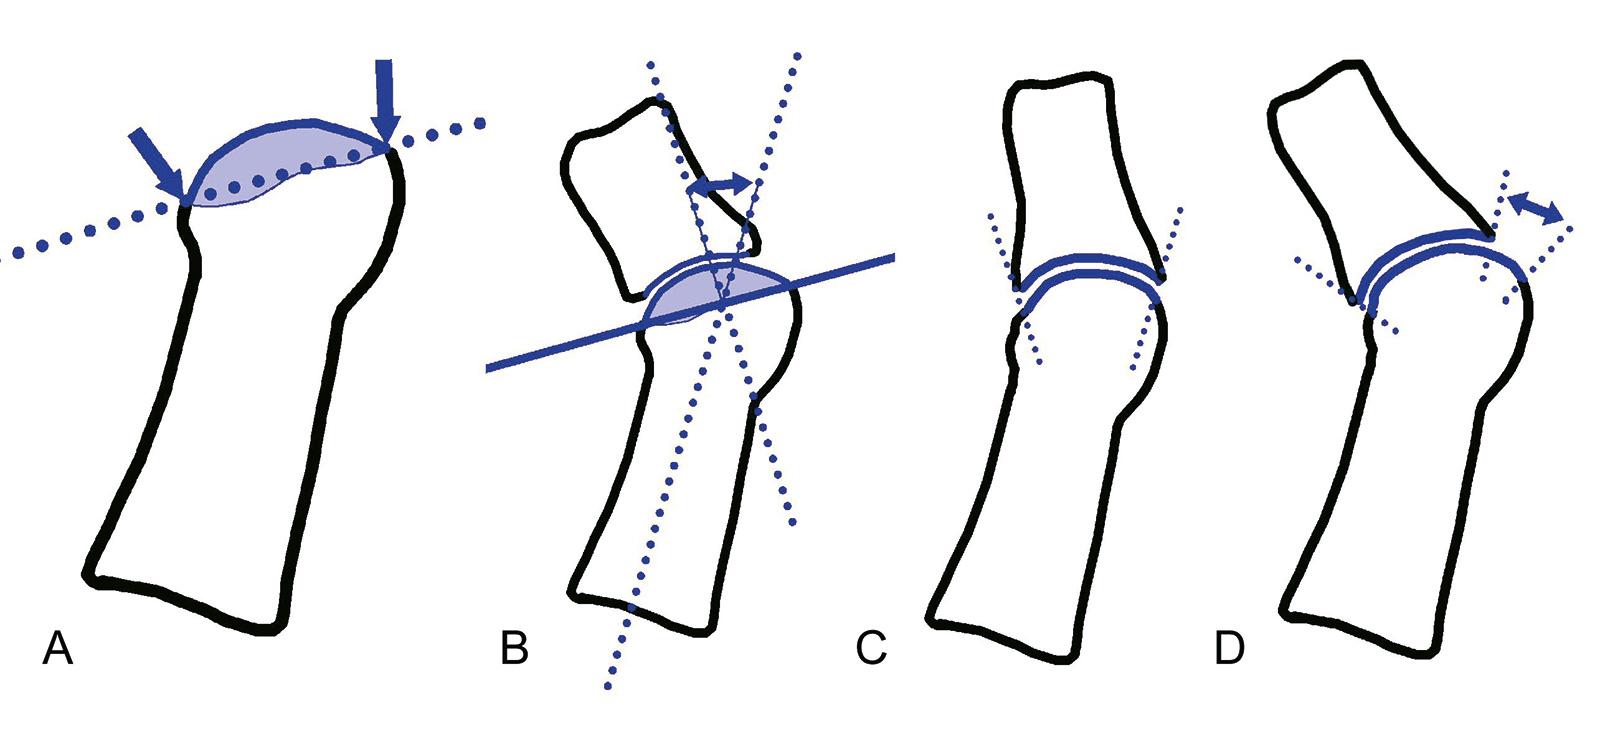 Abb. 6-3: Bestimmung der Linie an die distale Gelenkfläche des Metatarsale 1 (A), Winkel der distalen metatarsalen Gelenkfläche (B), kongruente (C) und inkongruente (D) Gelenkfläche